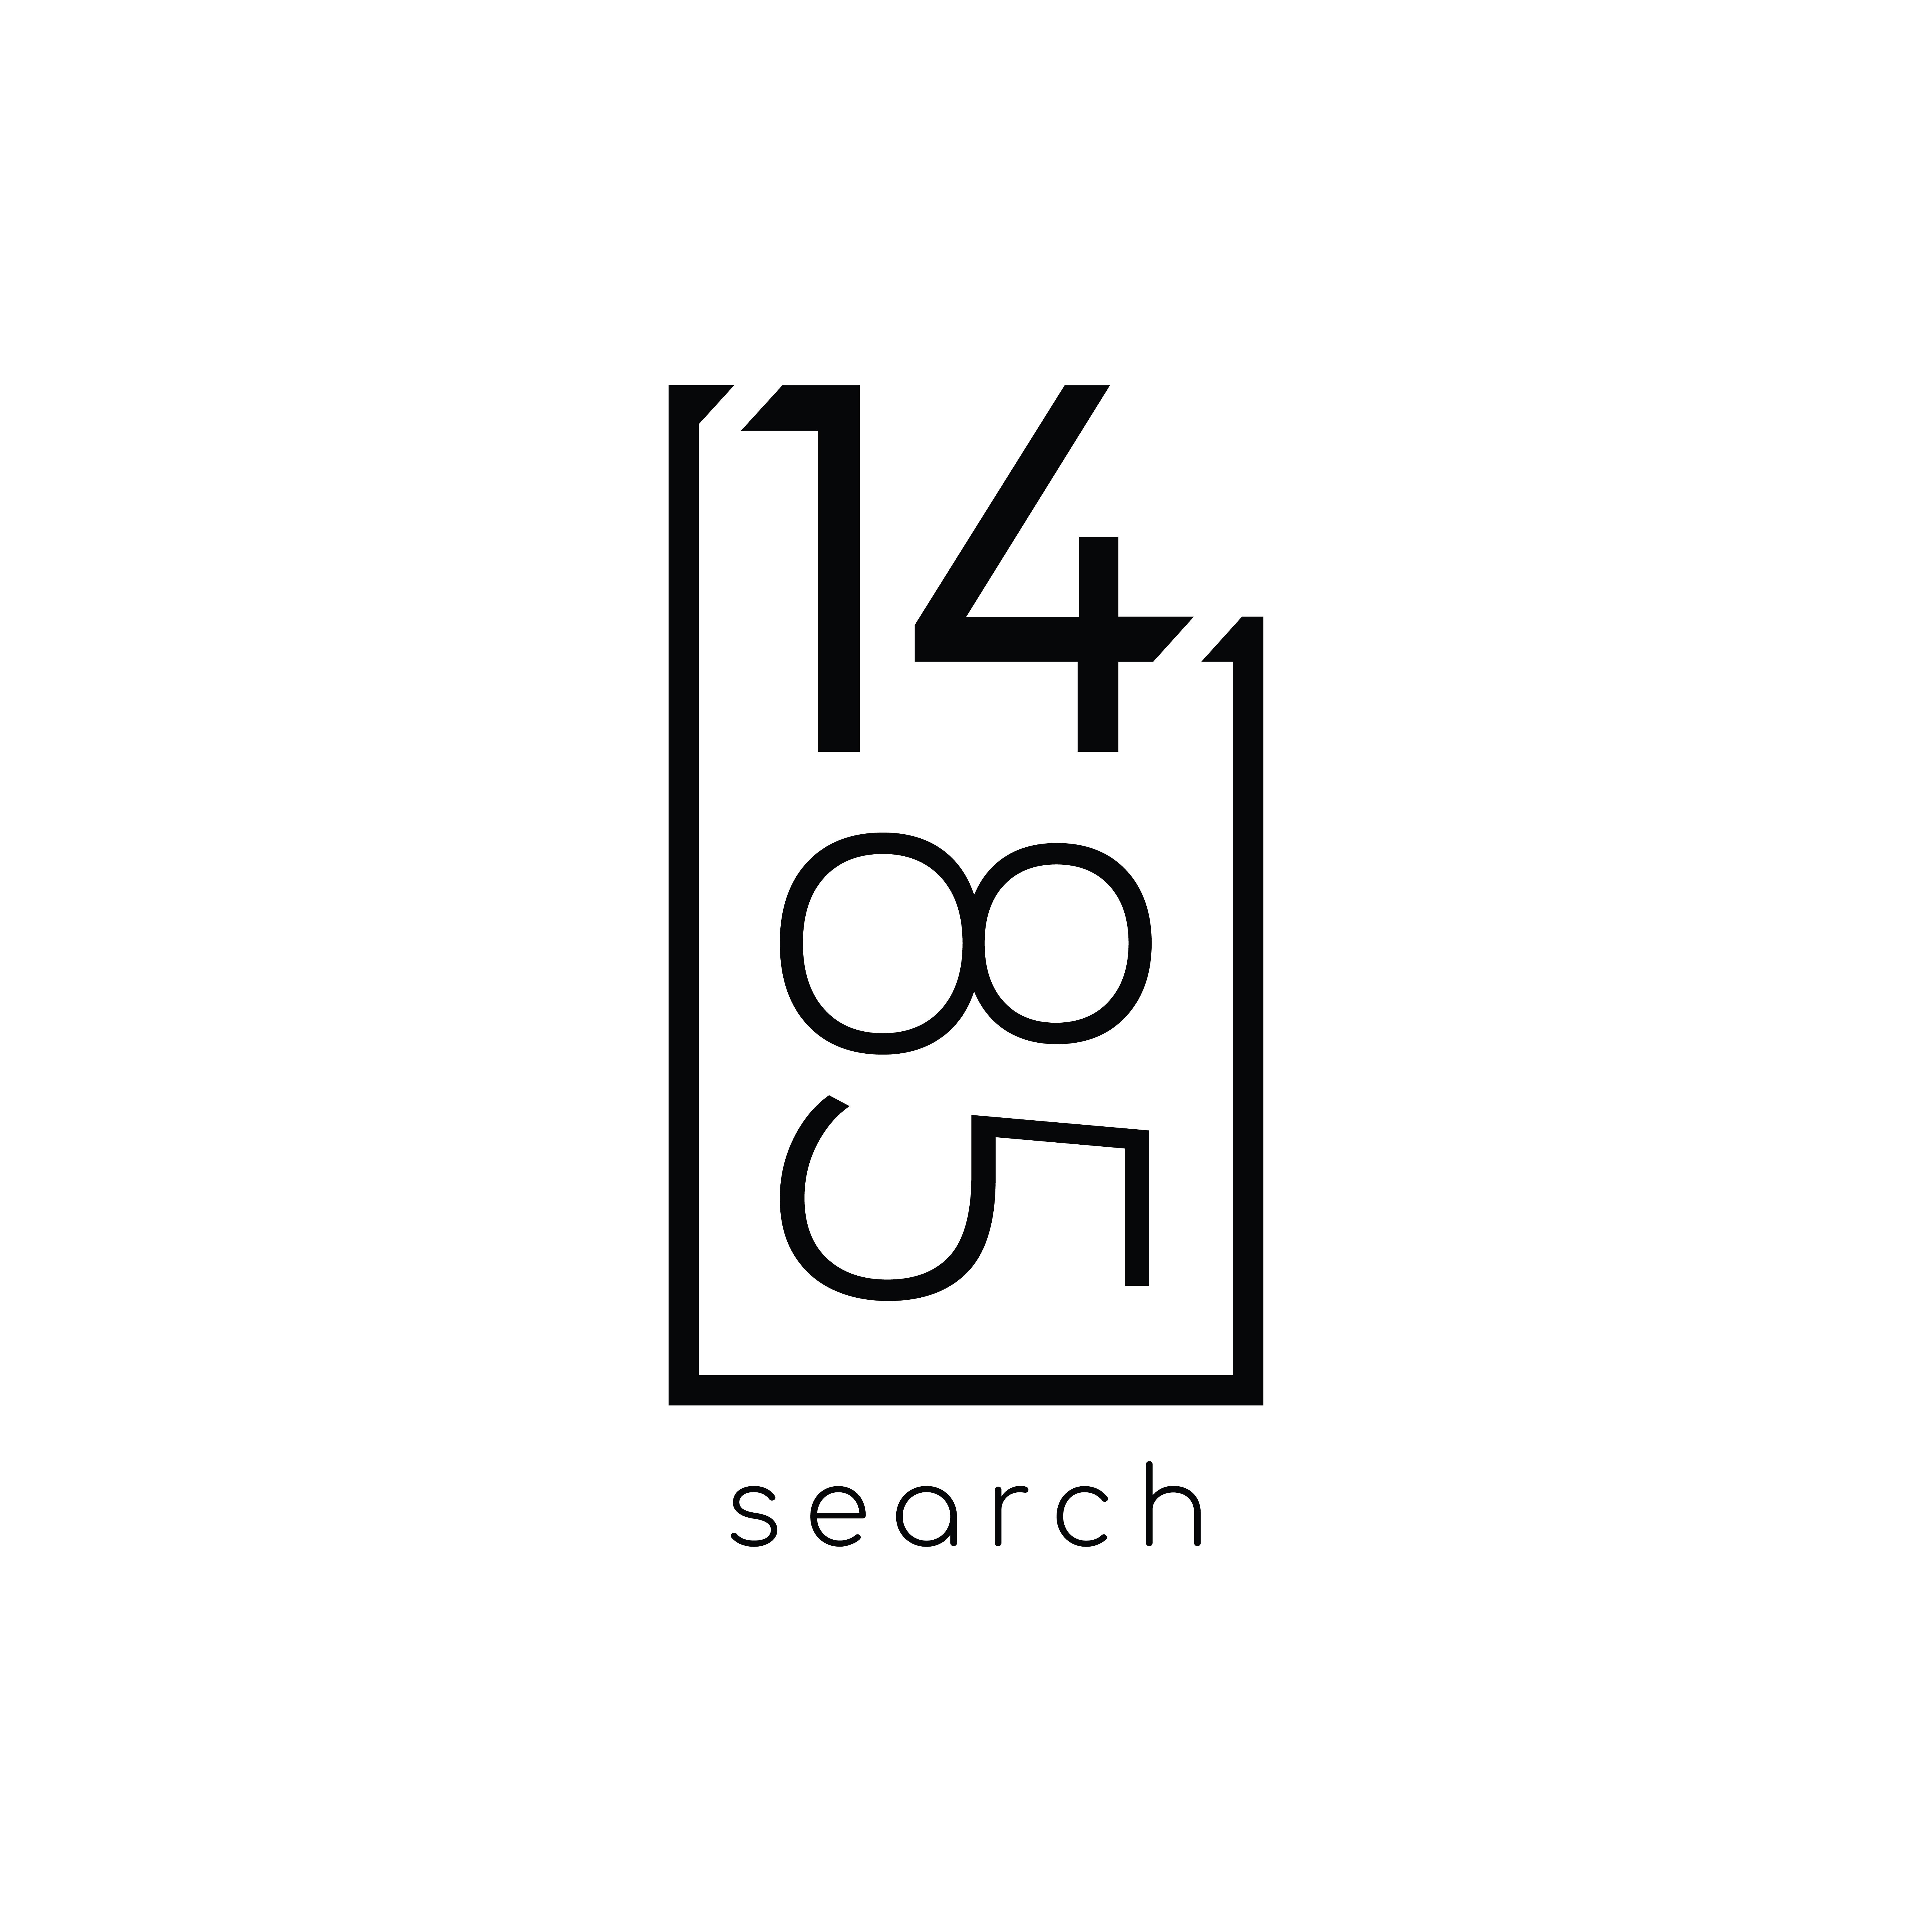 1485 Ltd